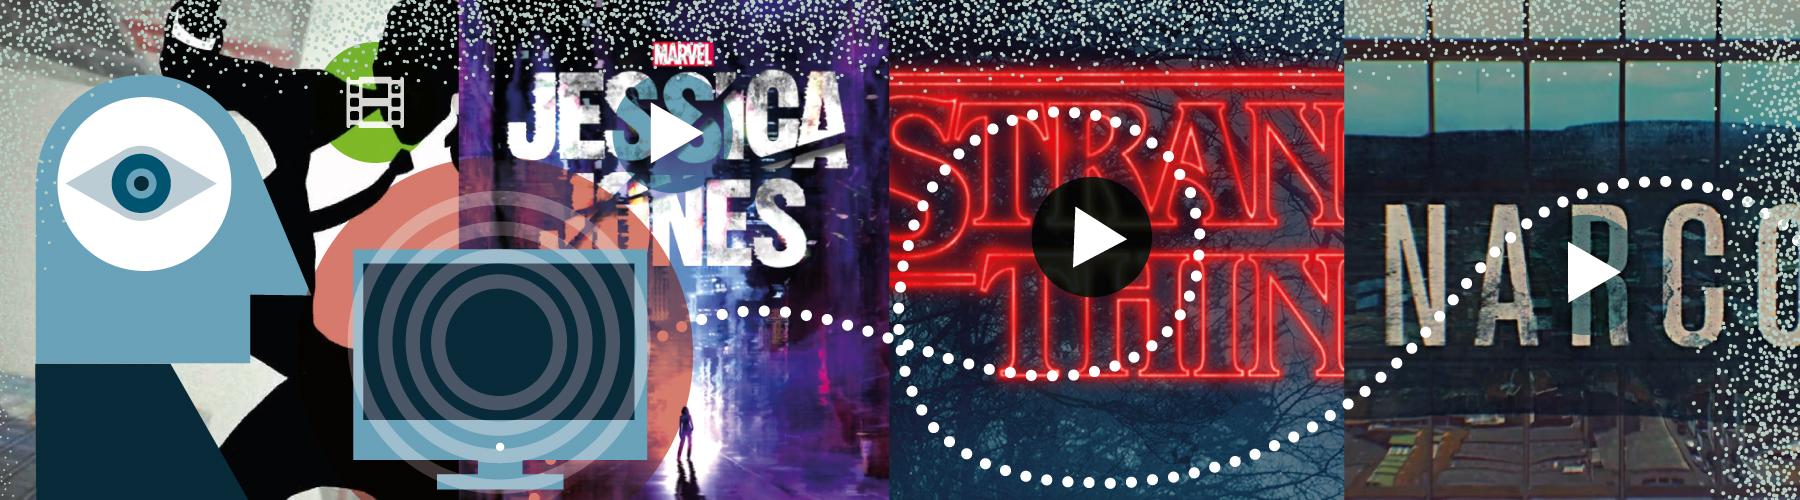 6 openings de series de televisión que llevan el diseño gráfico en su ADN